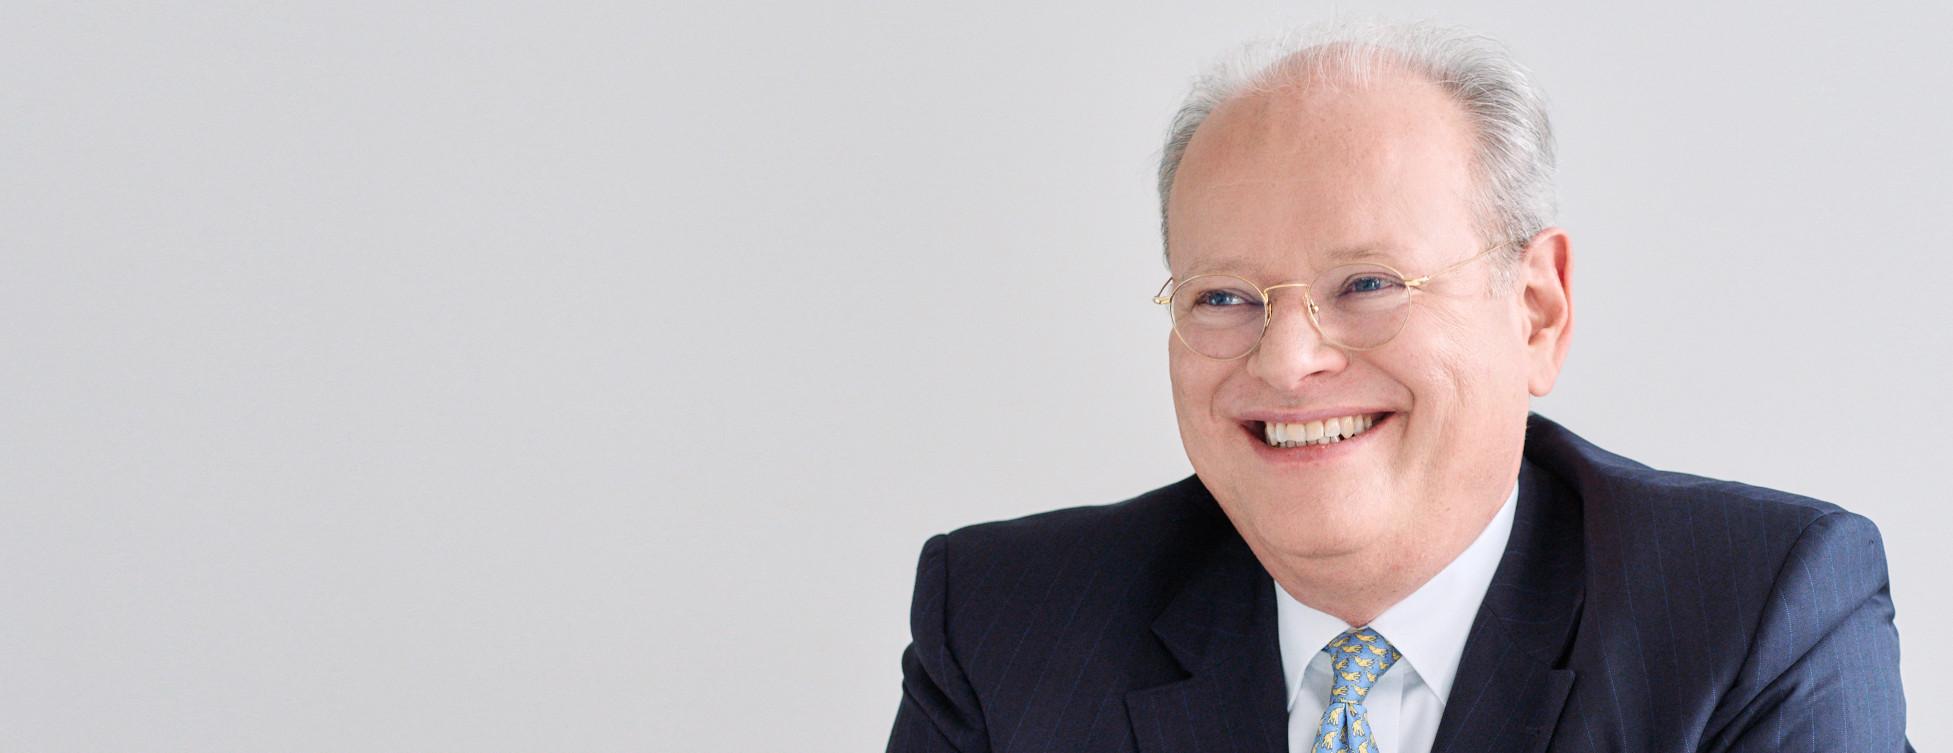 Marcus Kötting wird neuer Managing Partner bei Signium